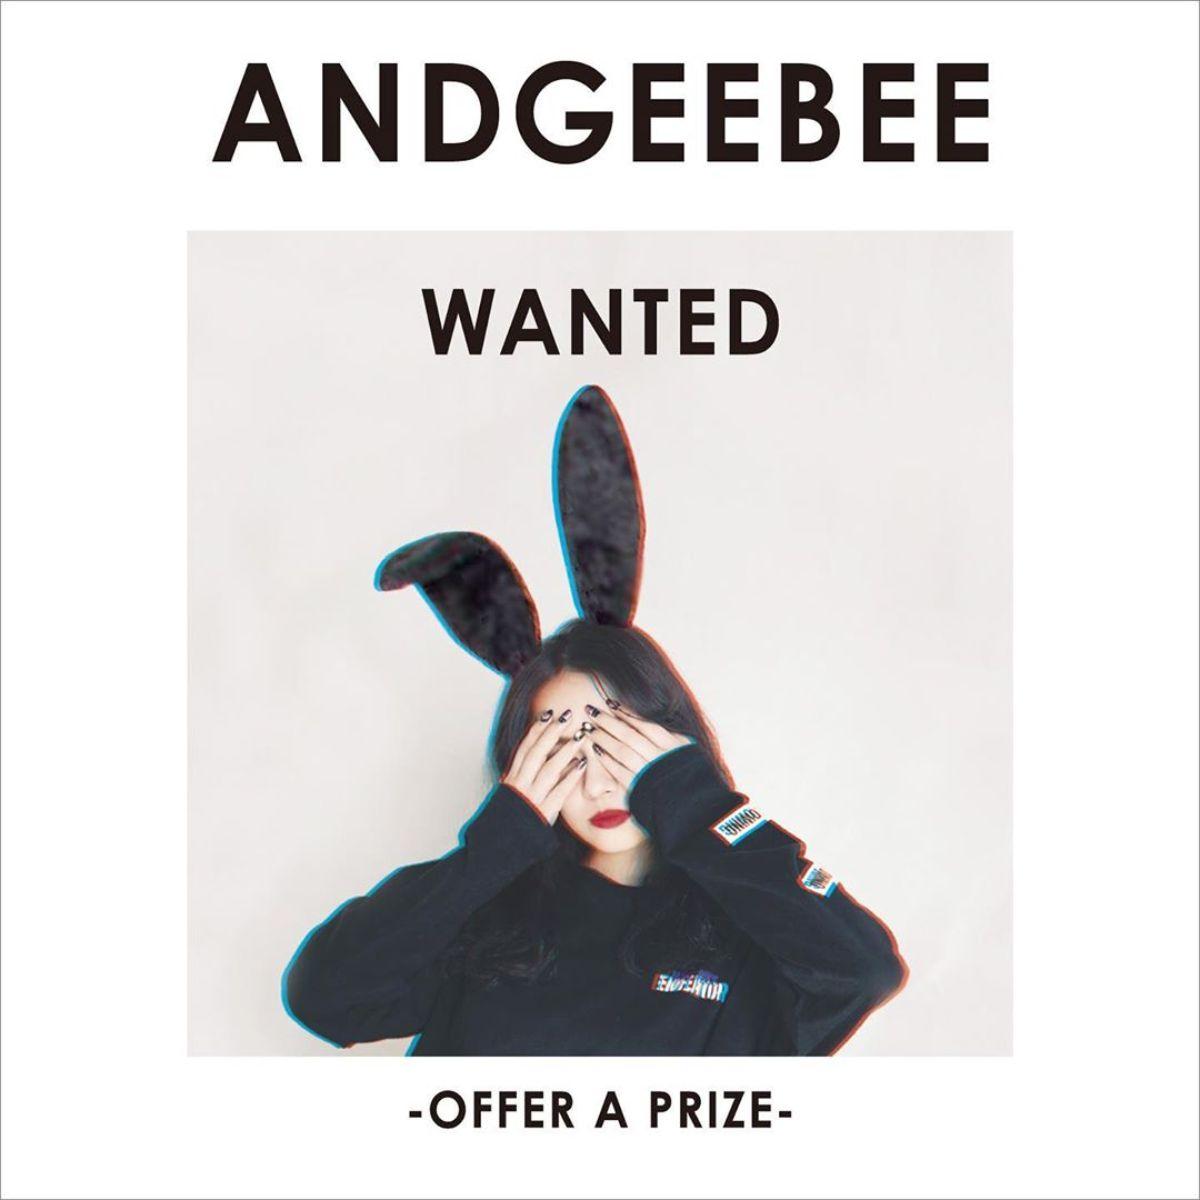 アイドル界のおしゃれ番長がプロデュース!かわいくて韓国っぽいブランド「ANDGEEBEE」って知ってる?